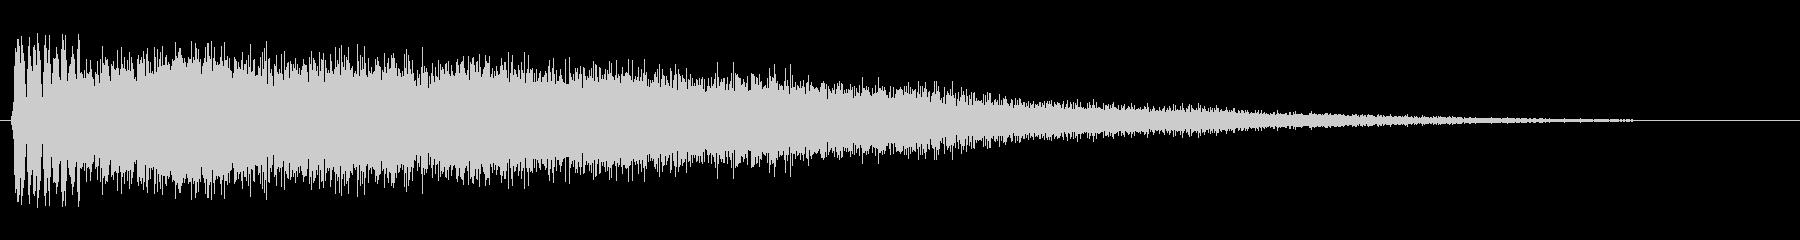 シューン(SF系の効果音)の未再生の波形